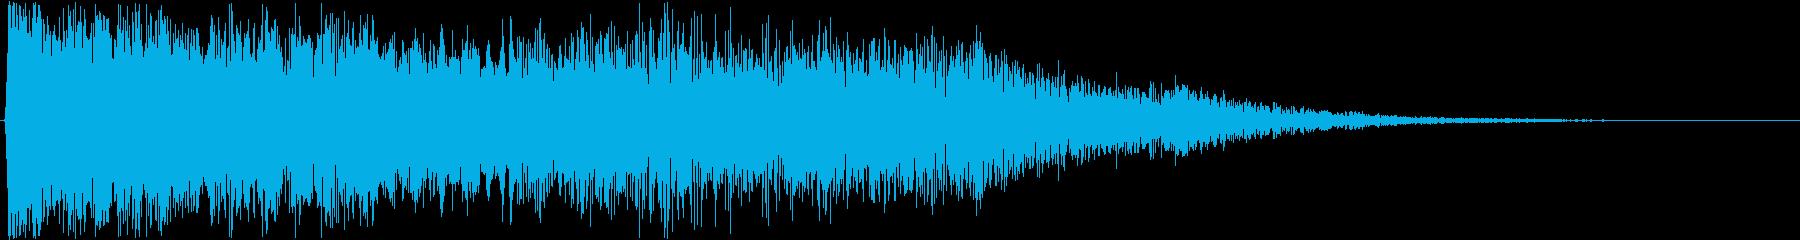 怖い系効果音 ドローン 淀んだ呻き声の再生済みの波形